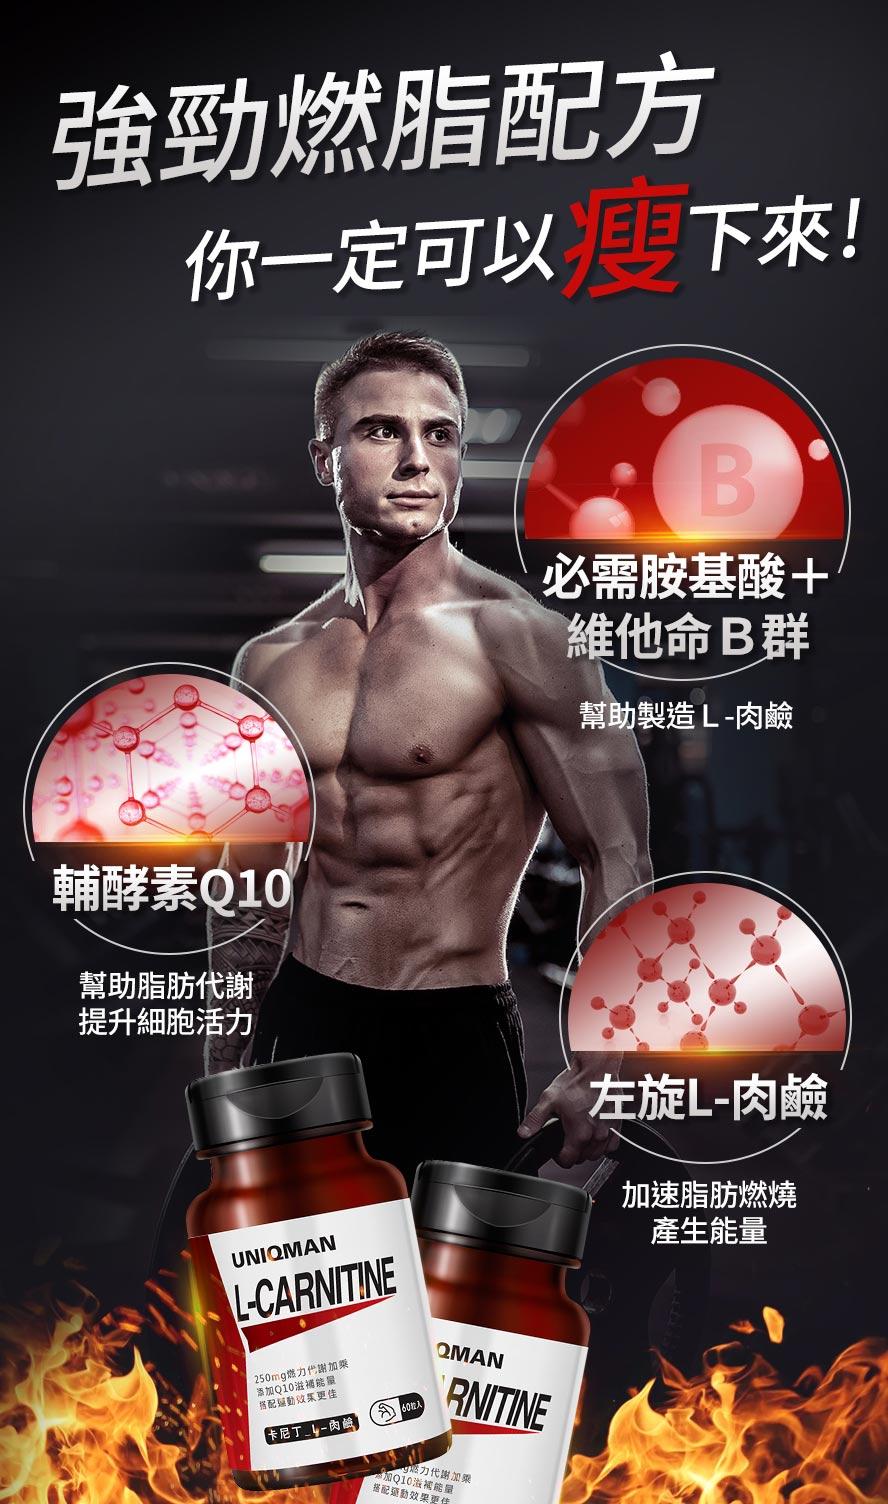 左旋肉鹼又稱脂肪的搬運工,主要運送脂肪至細胞內燃燒,轉化成能量